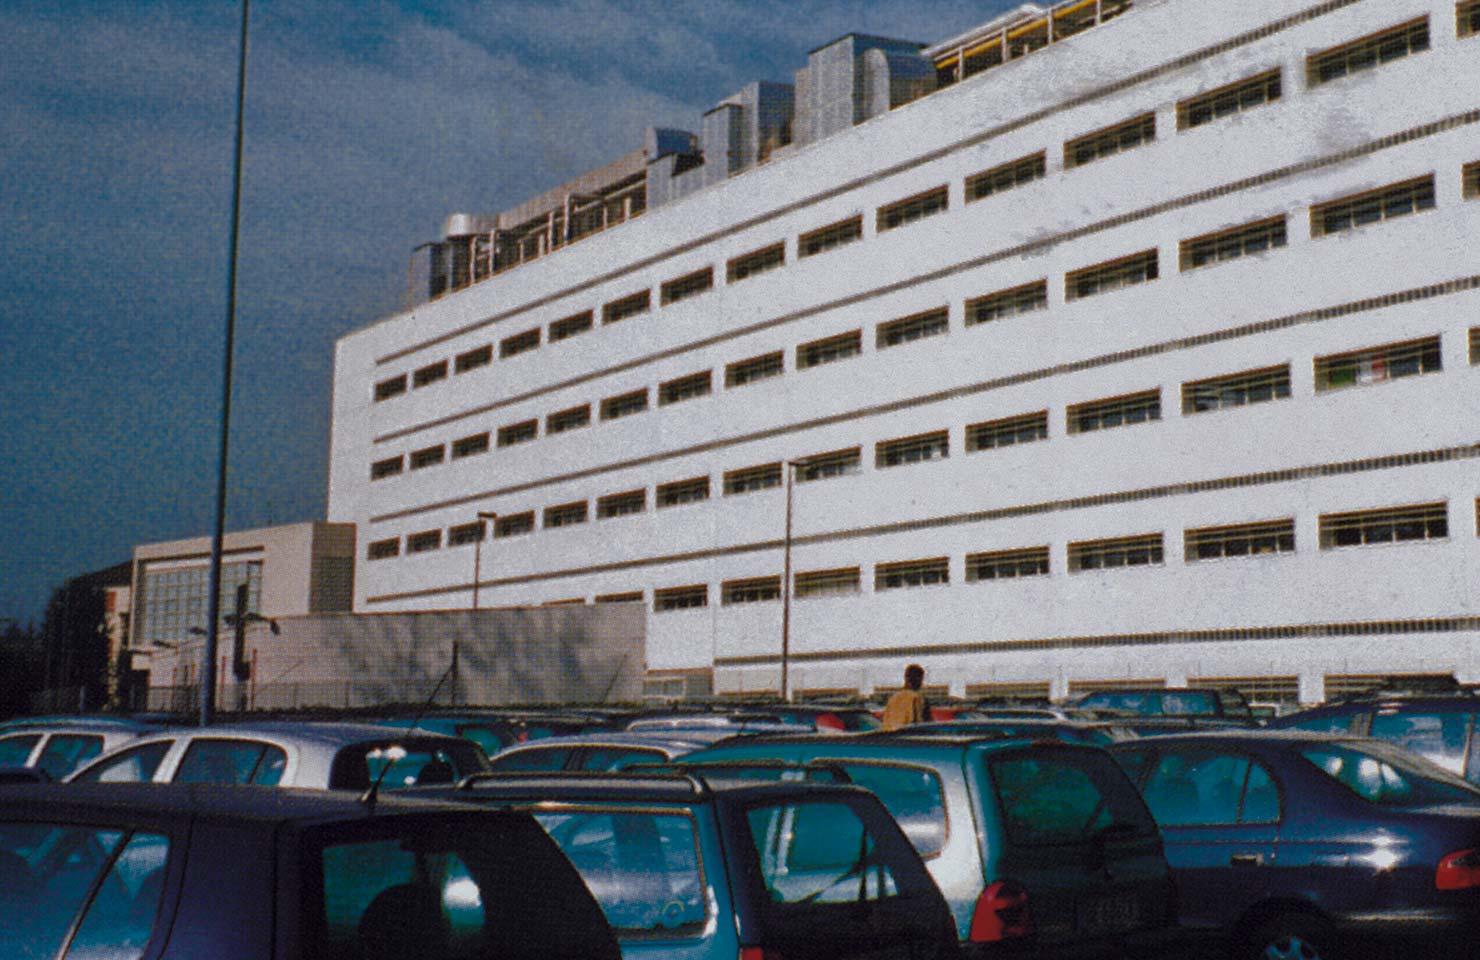 Milano – Ospedale S. Gerardo di Monza – Via Cadore – Braille